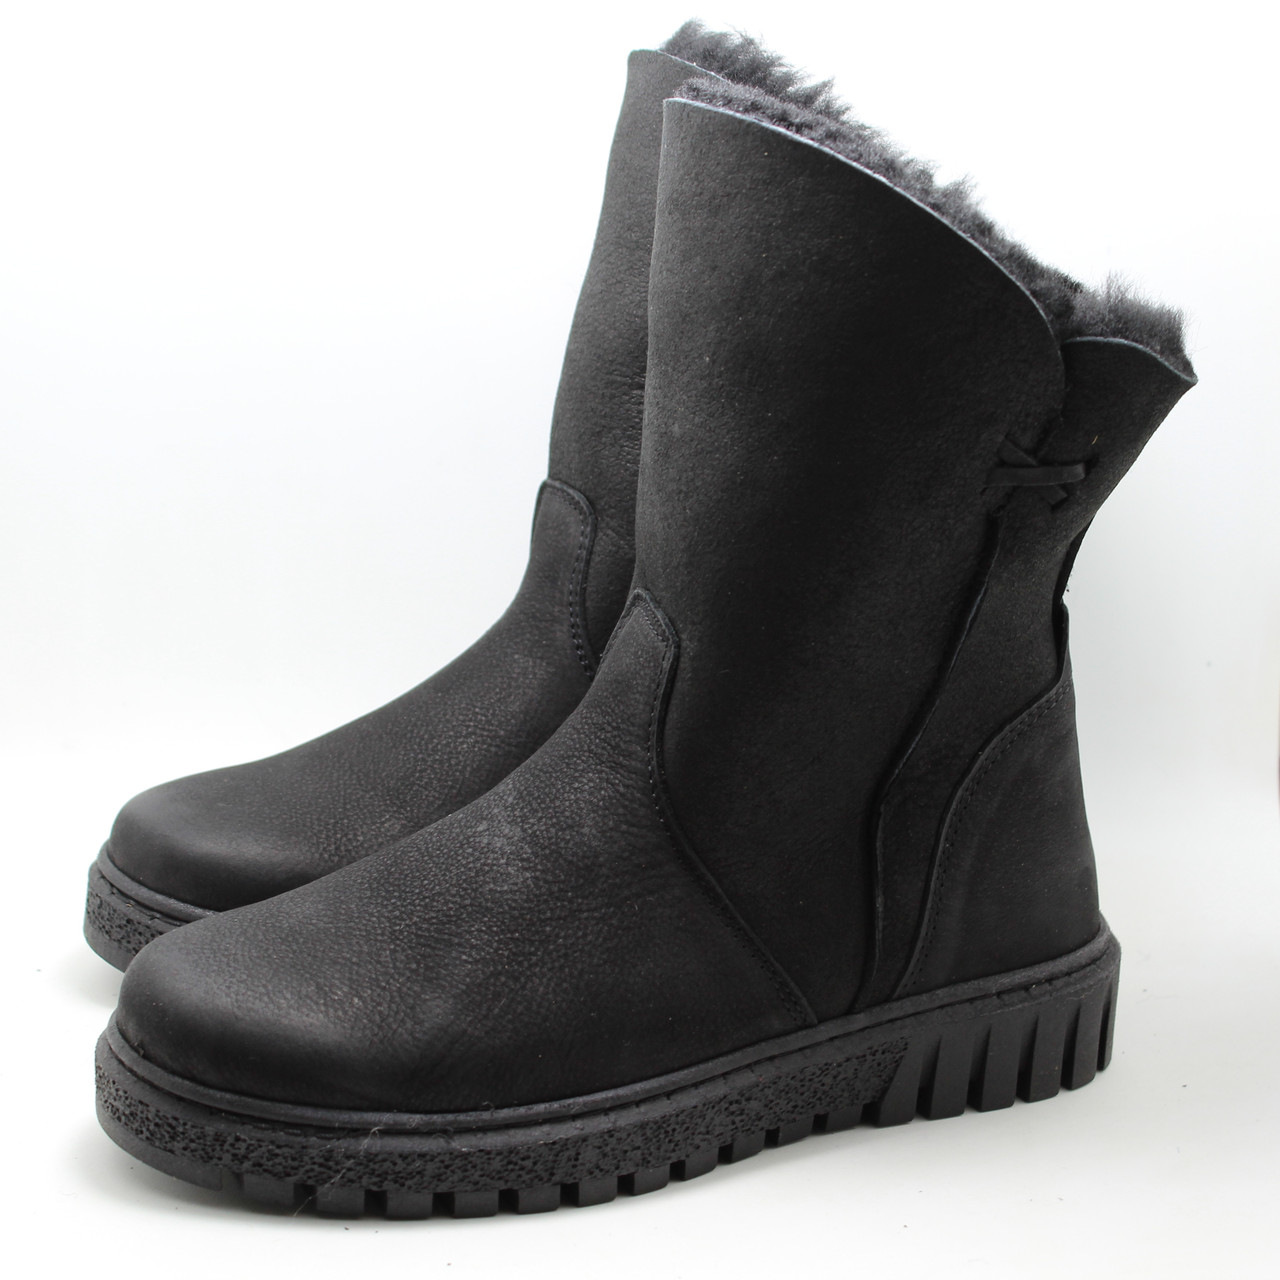 Зимние женские сапоги Lesta 251-6590-7-1039-10B4